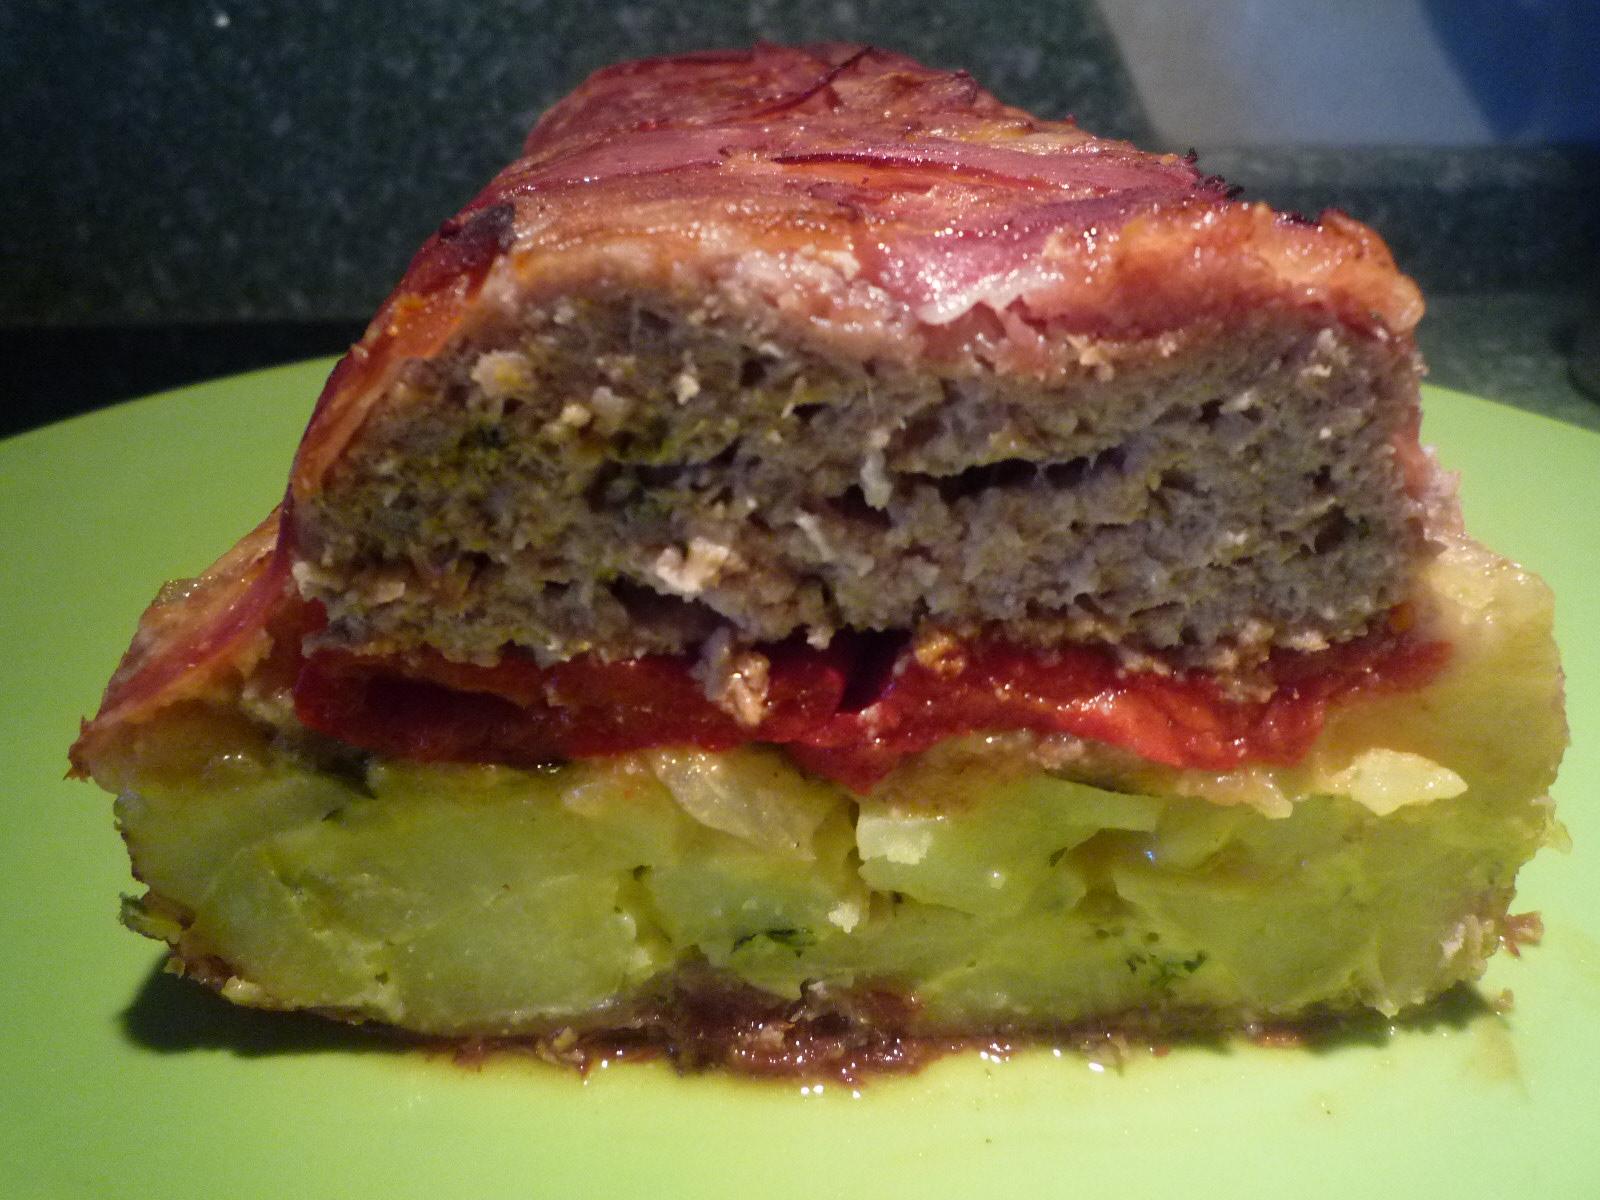 Las recetas de macu pastel de carne y tortilla de papas idea de isasaweis pero con mi toque - Bizcocho microondas isasaweis ...